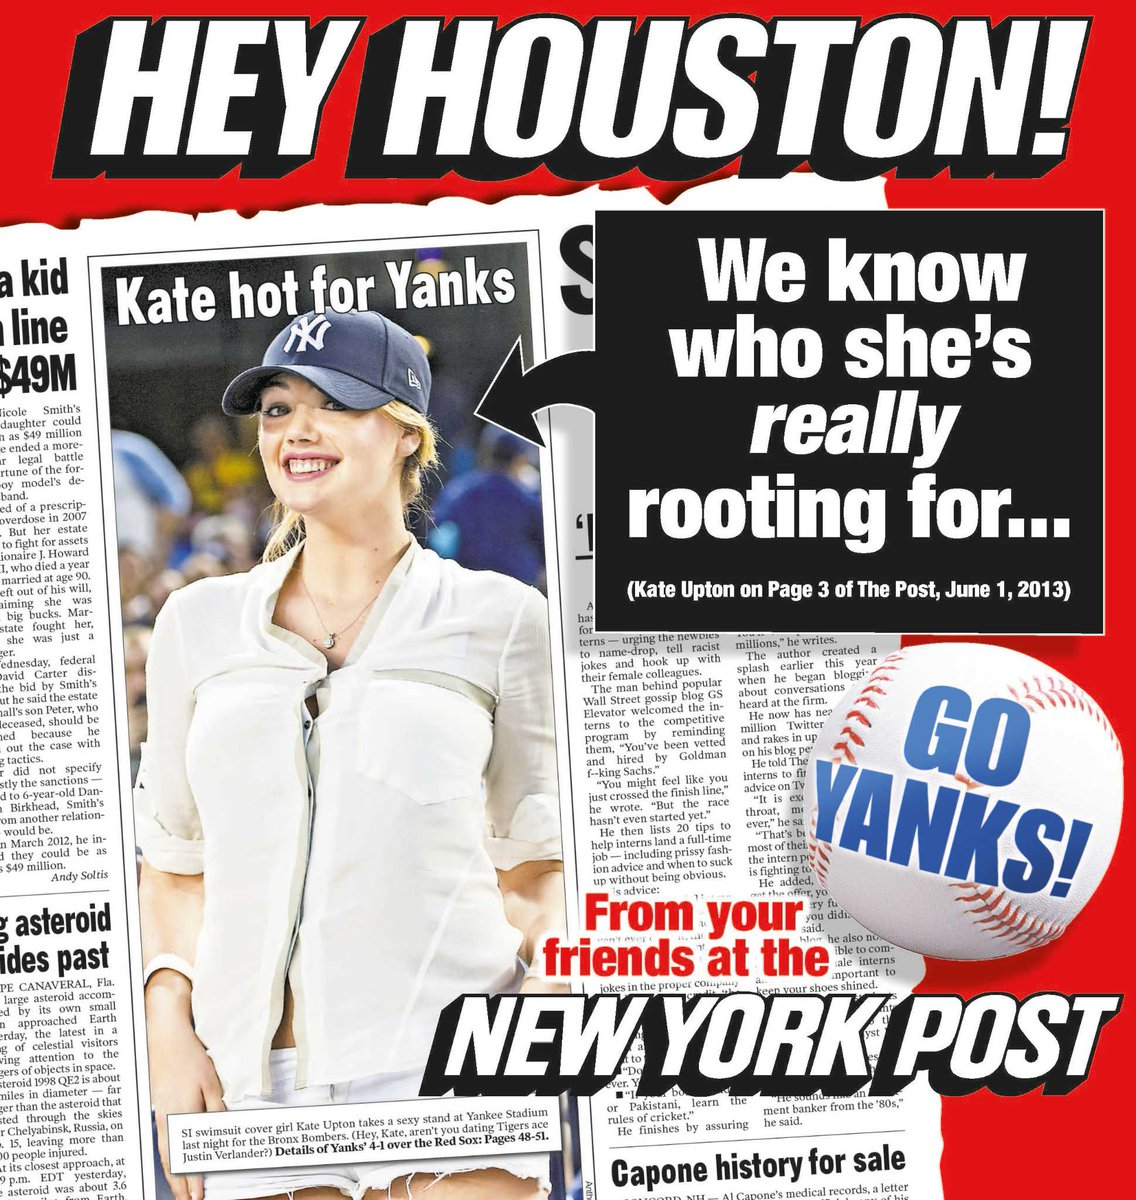 New York Post pokes fun at Houston with Kate Upton ad